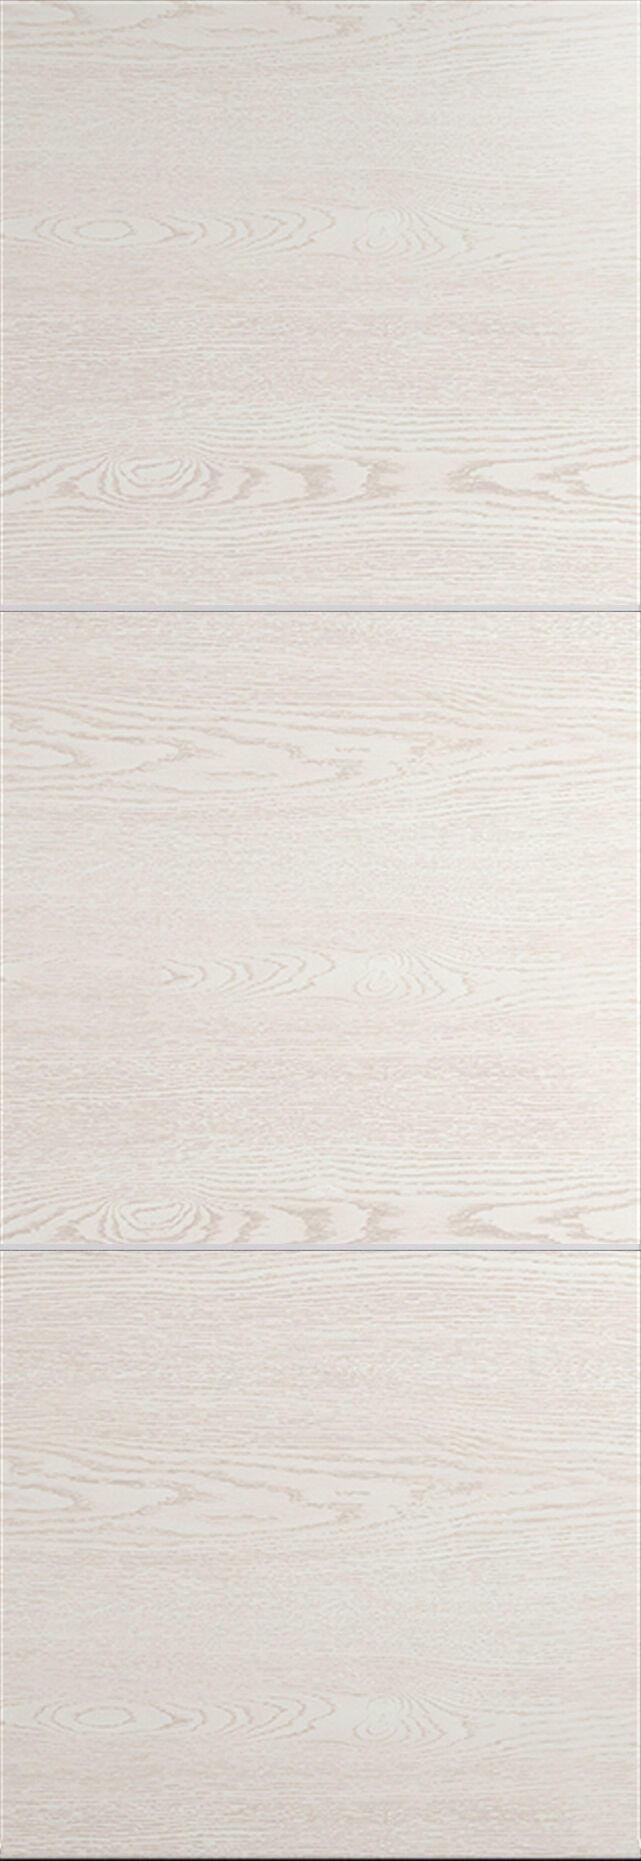 Tivoli В-3 Invisible цвет - Белый ясень Без стекла (ДГ)